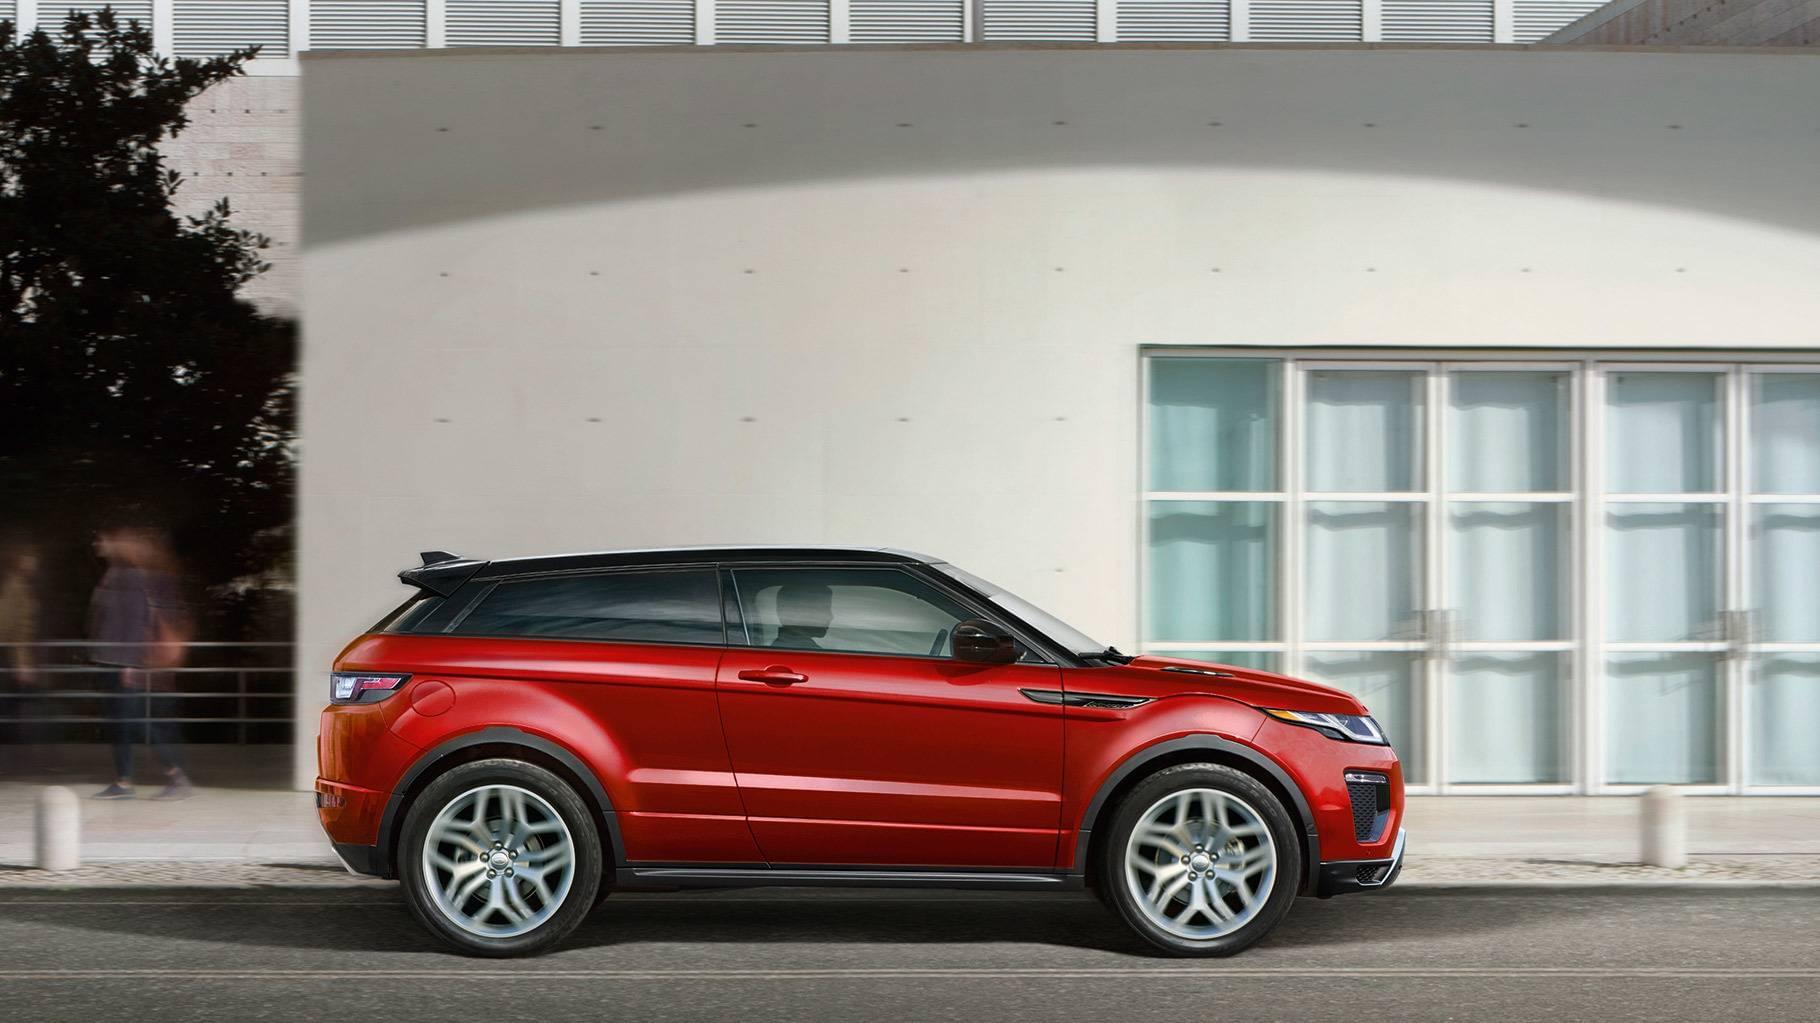 2017-Land-Rover-Range-Rover-Evoque-Exterior-side-profile